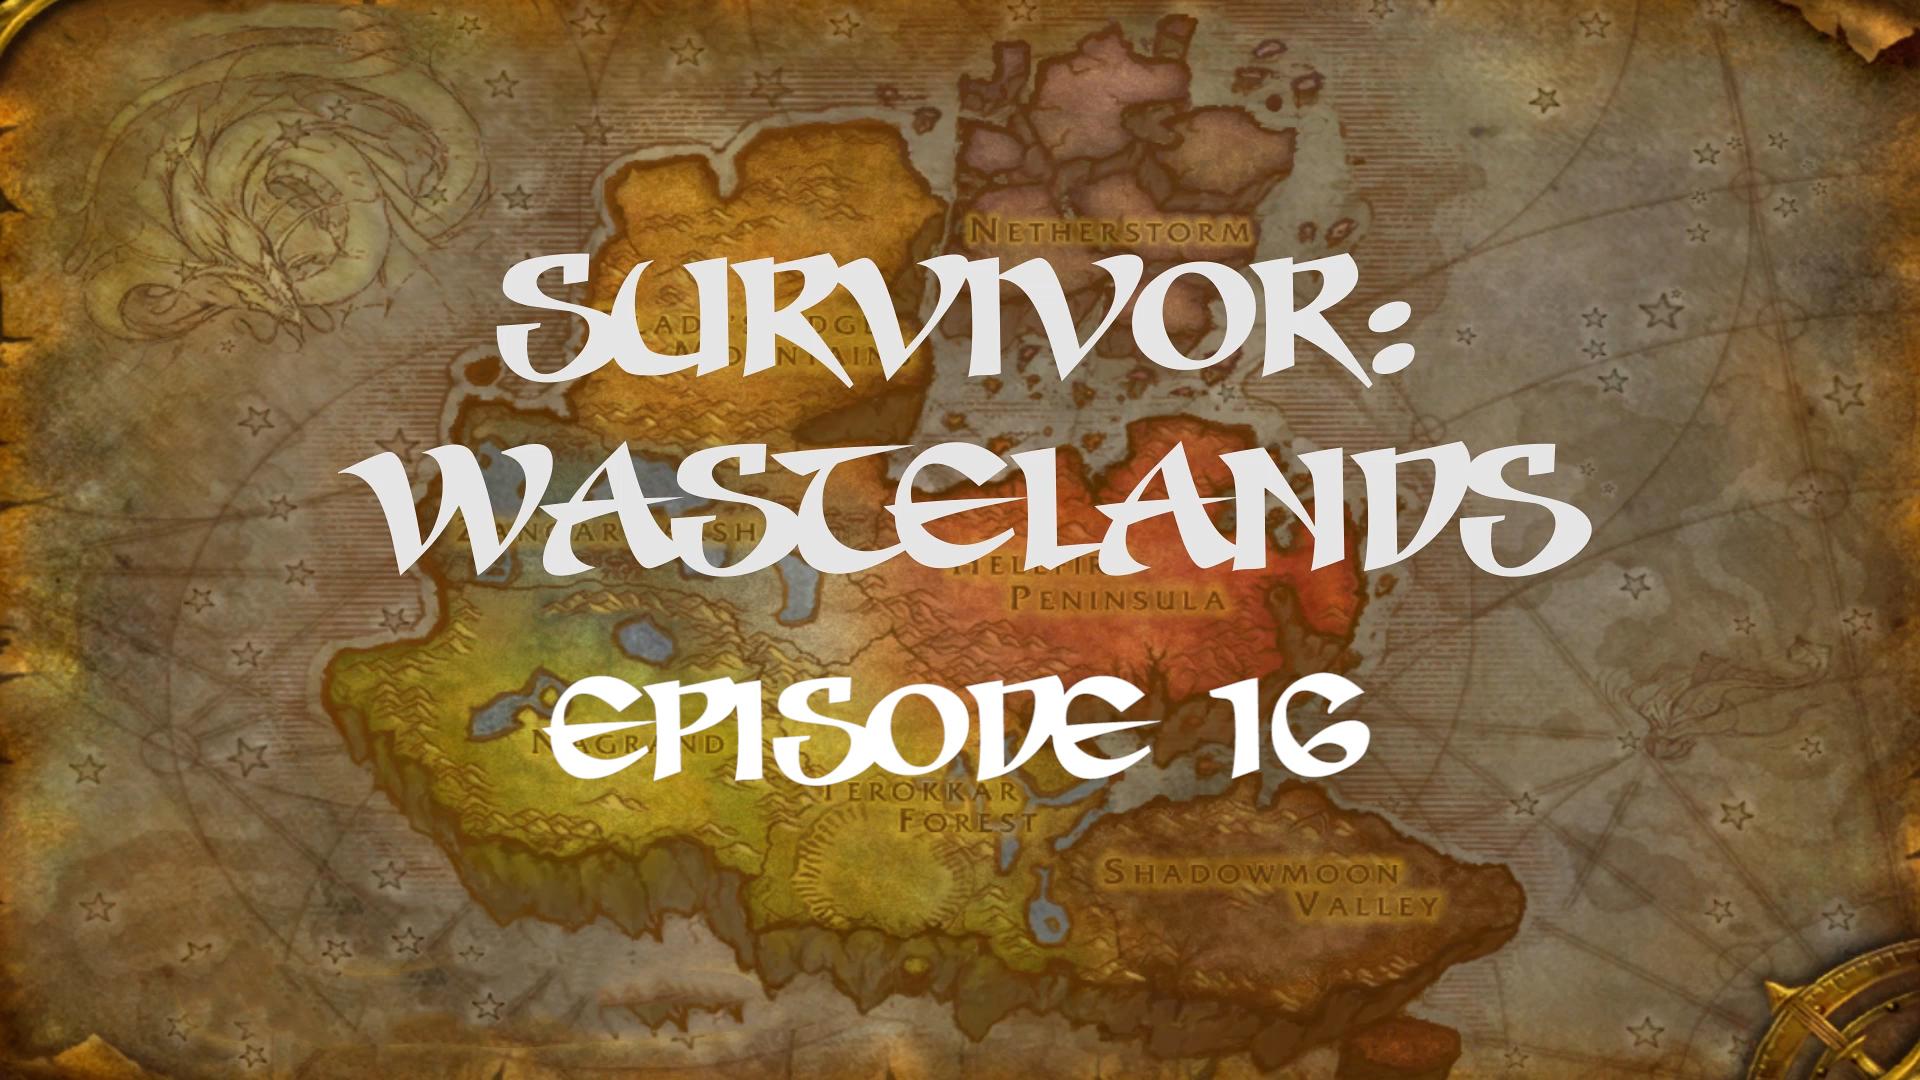 Survivor Wastelands Episode 16.jpg